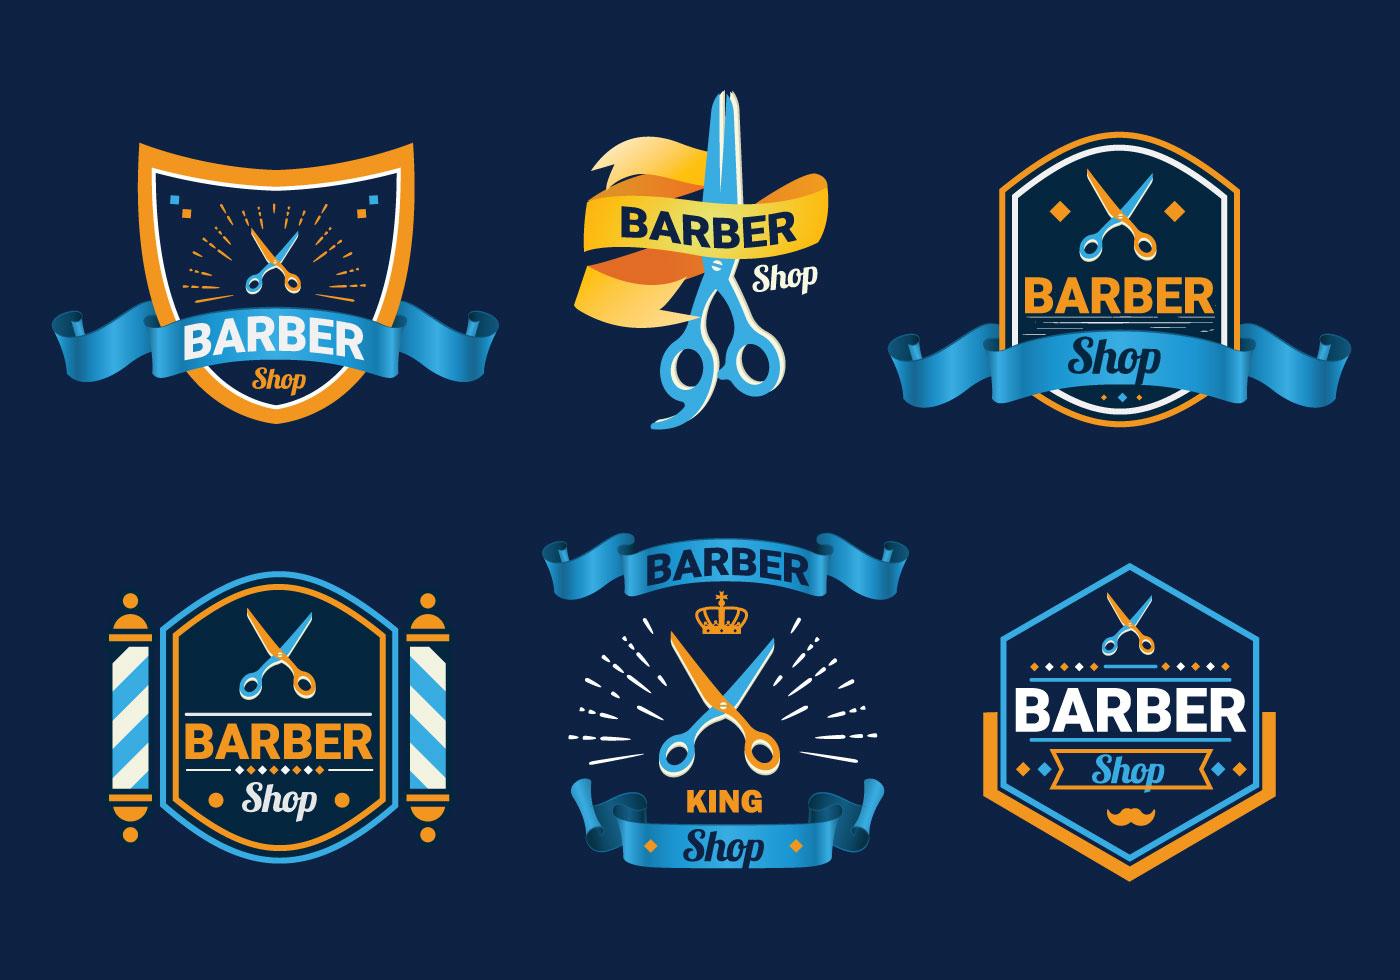 barber logo download - 632×443